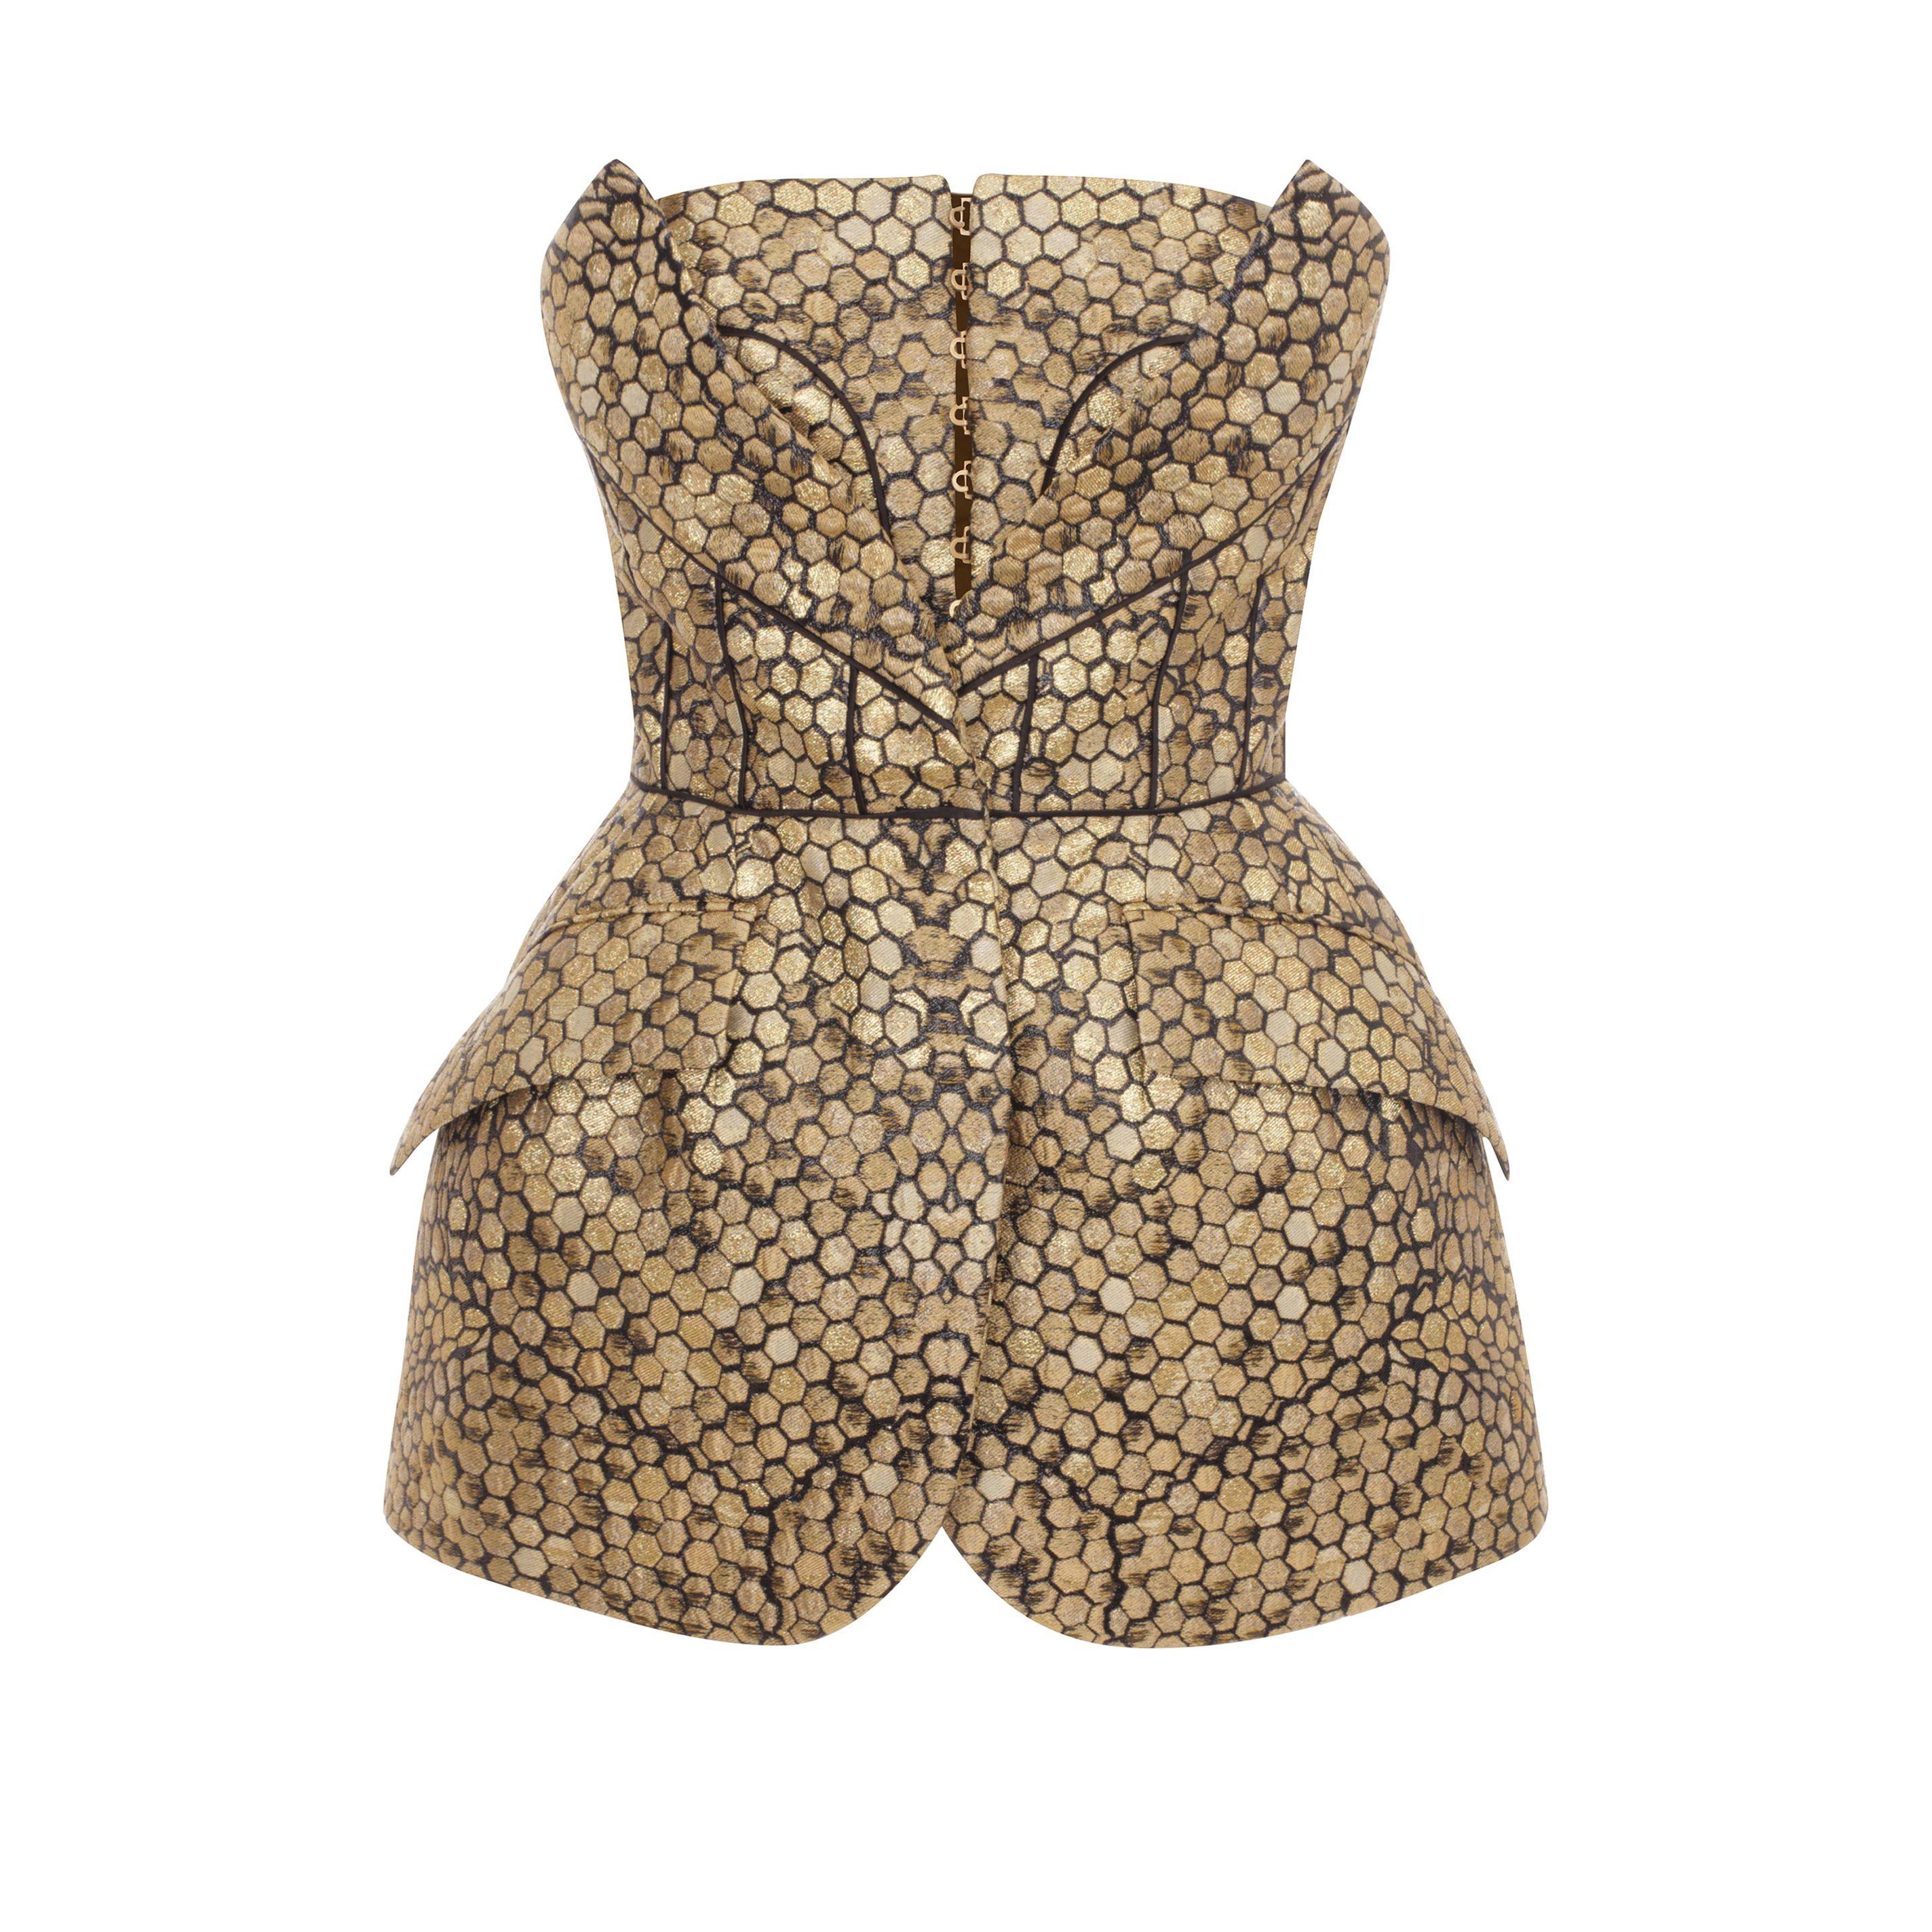 Bee Honeycomb Bombe Hip Bustier Alexander McQueen | Silk Top | Tops Knitwear |